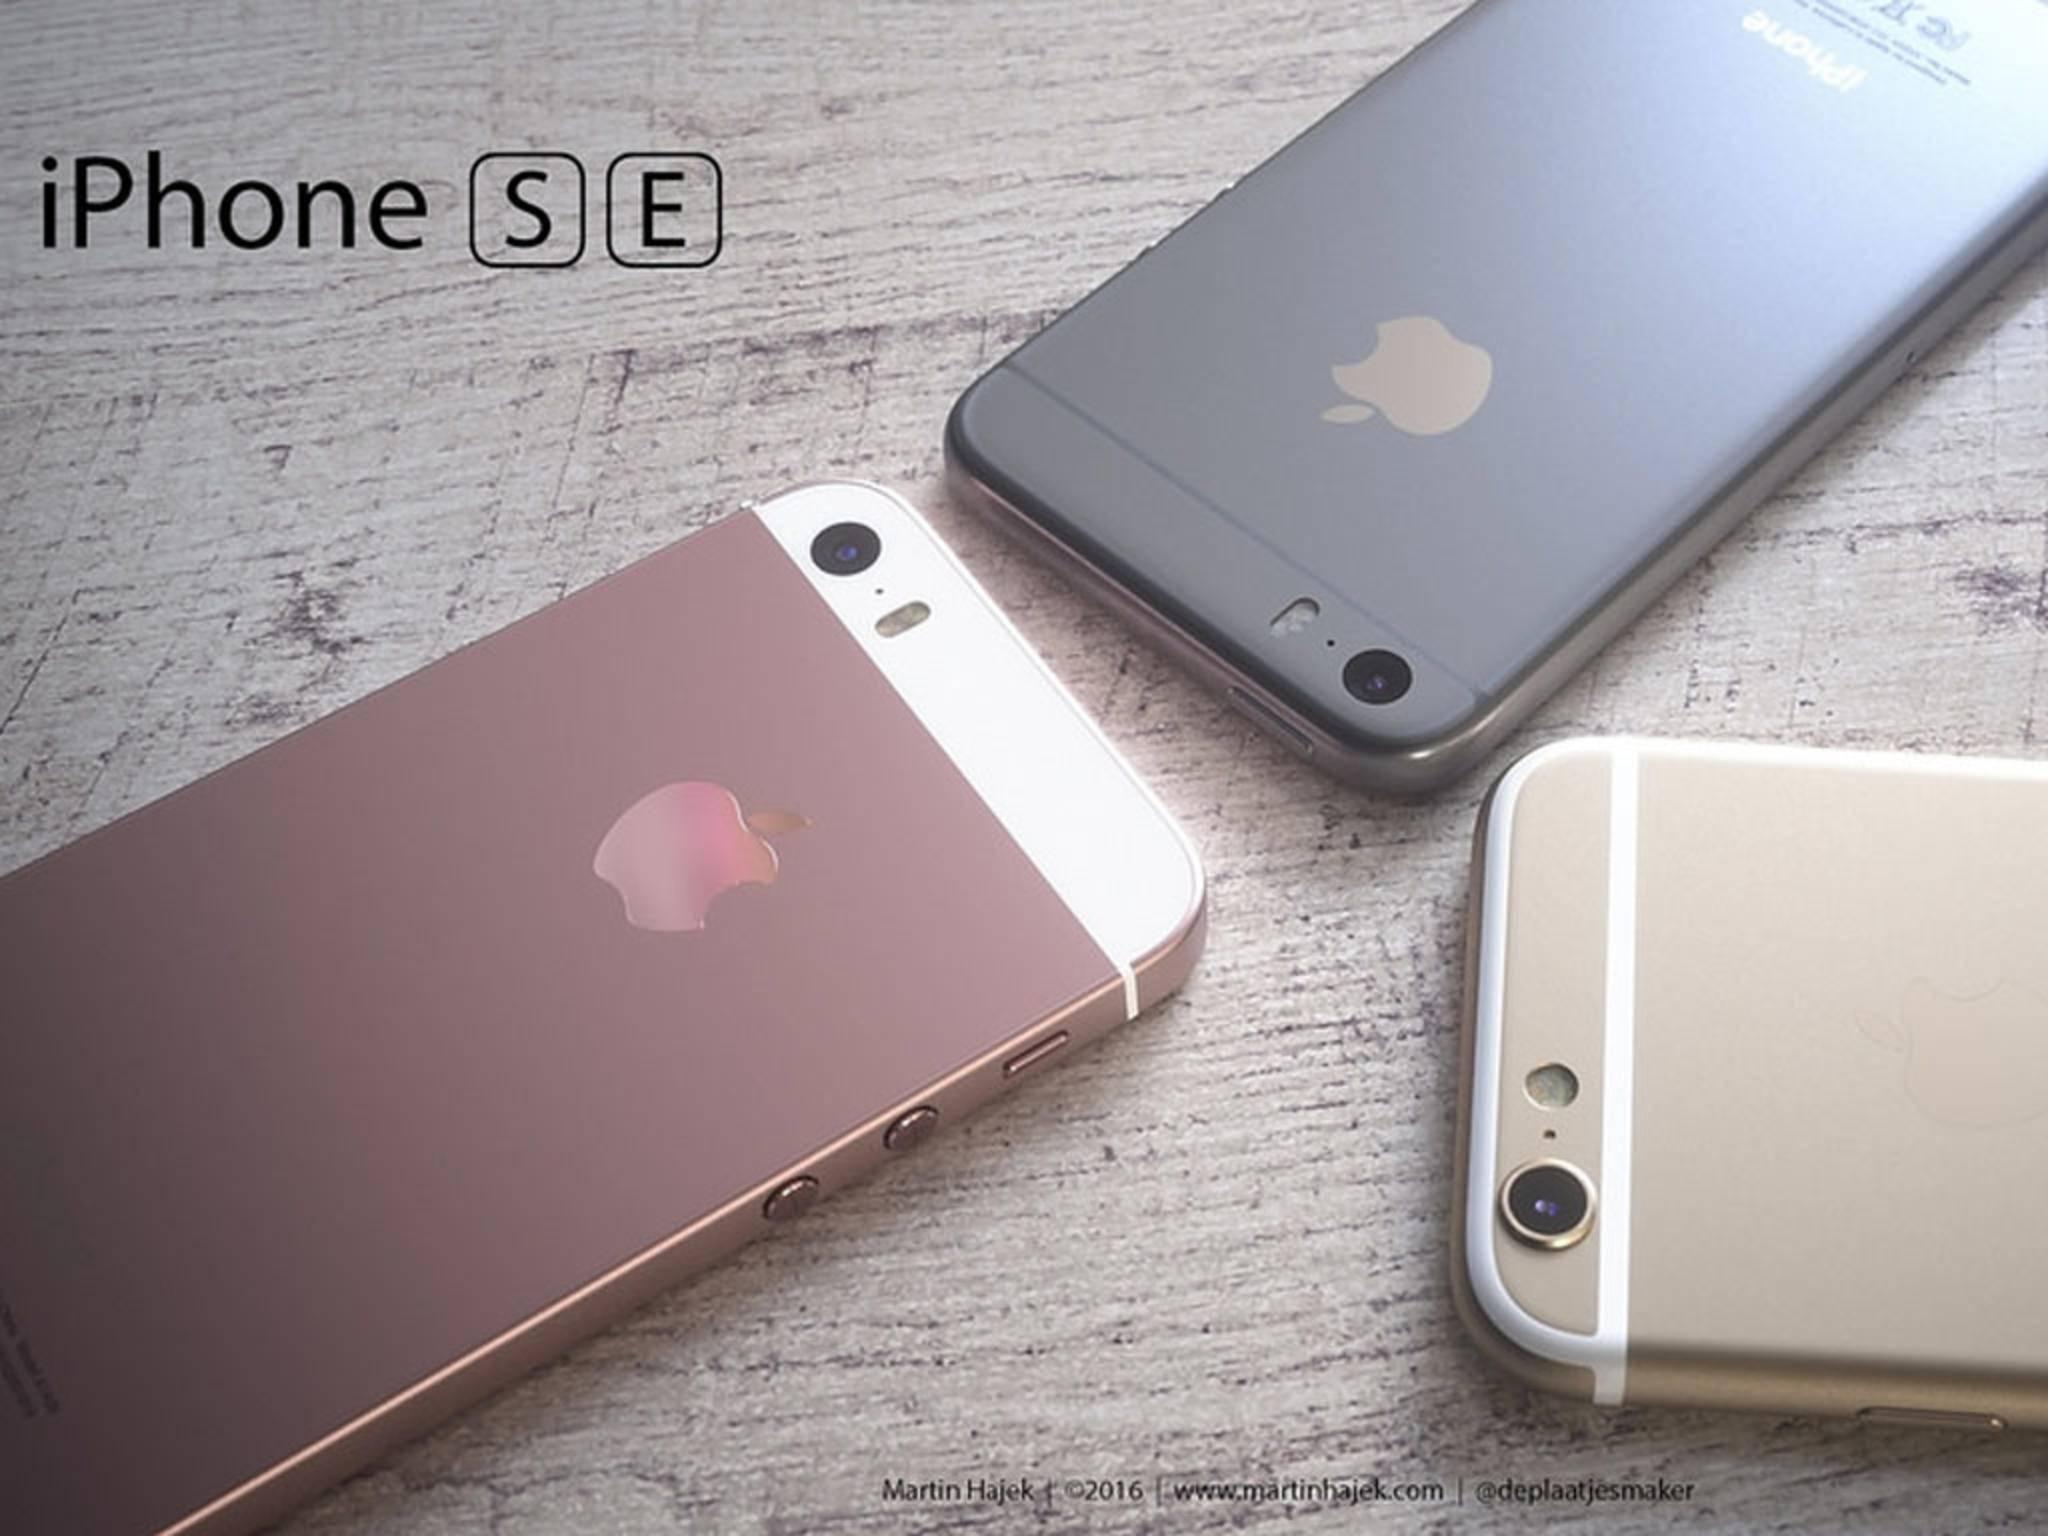 Drei Render-Versionen des iPhone SE beziehungsweise iPhone 5se.